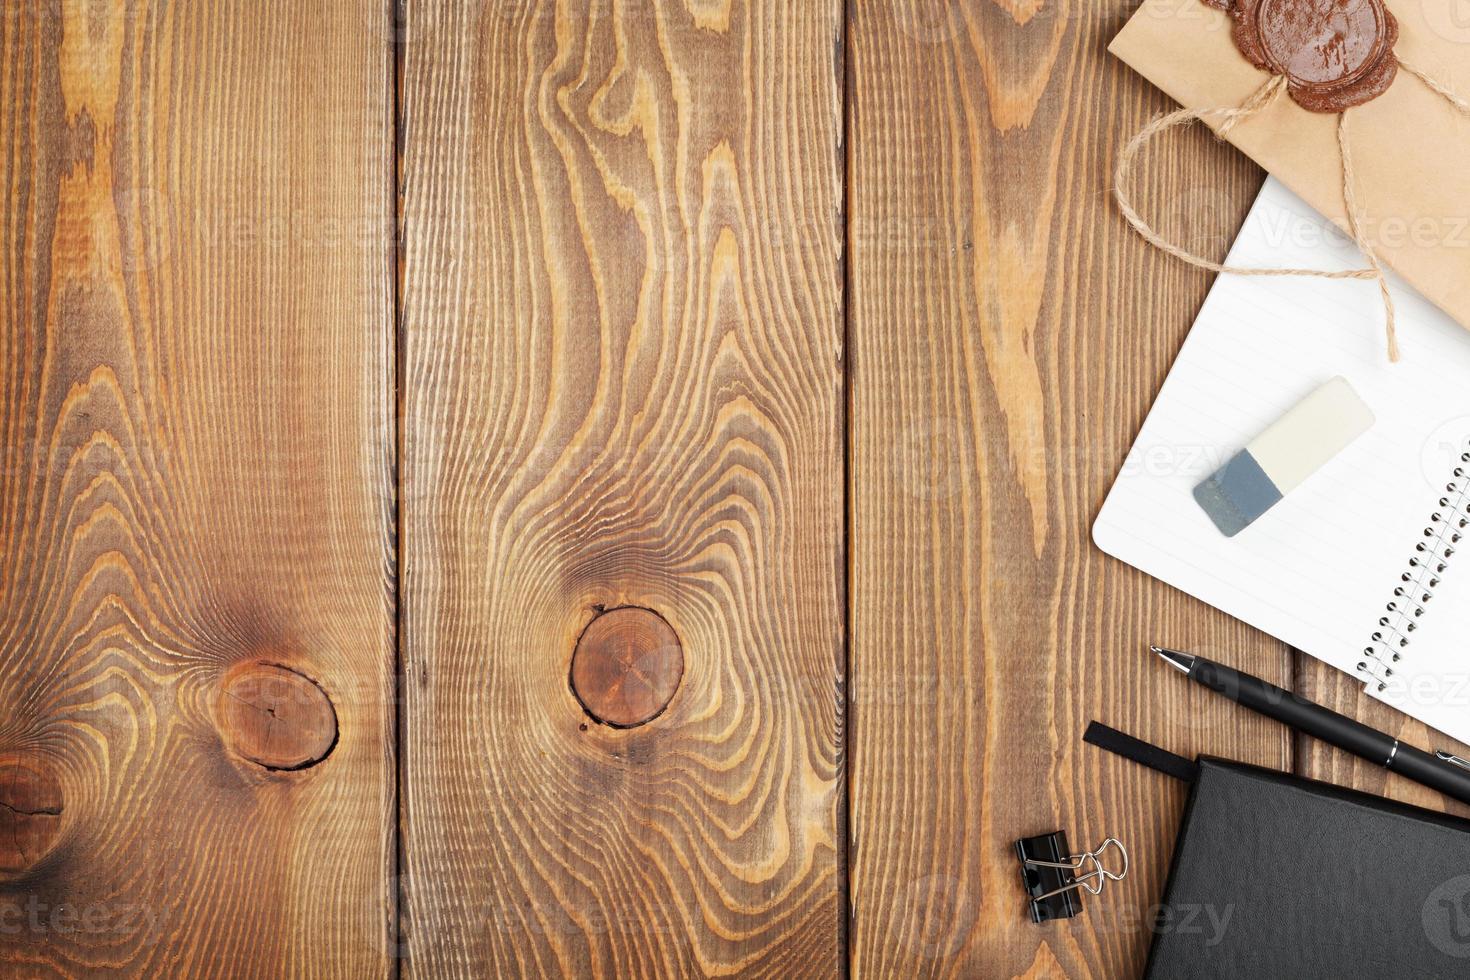 Holztisch mit Notizblock und Vintage-Umschlag foto